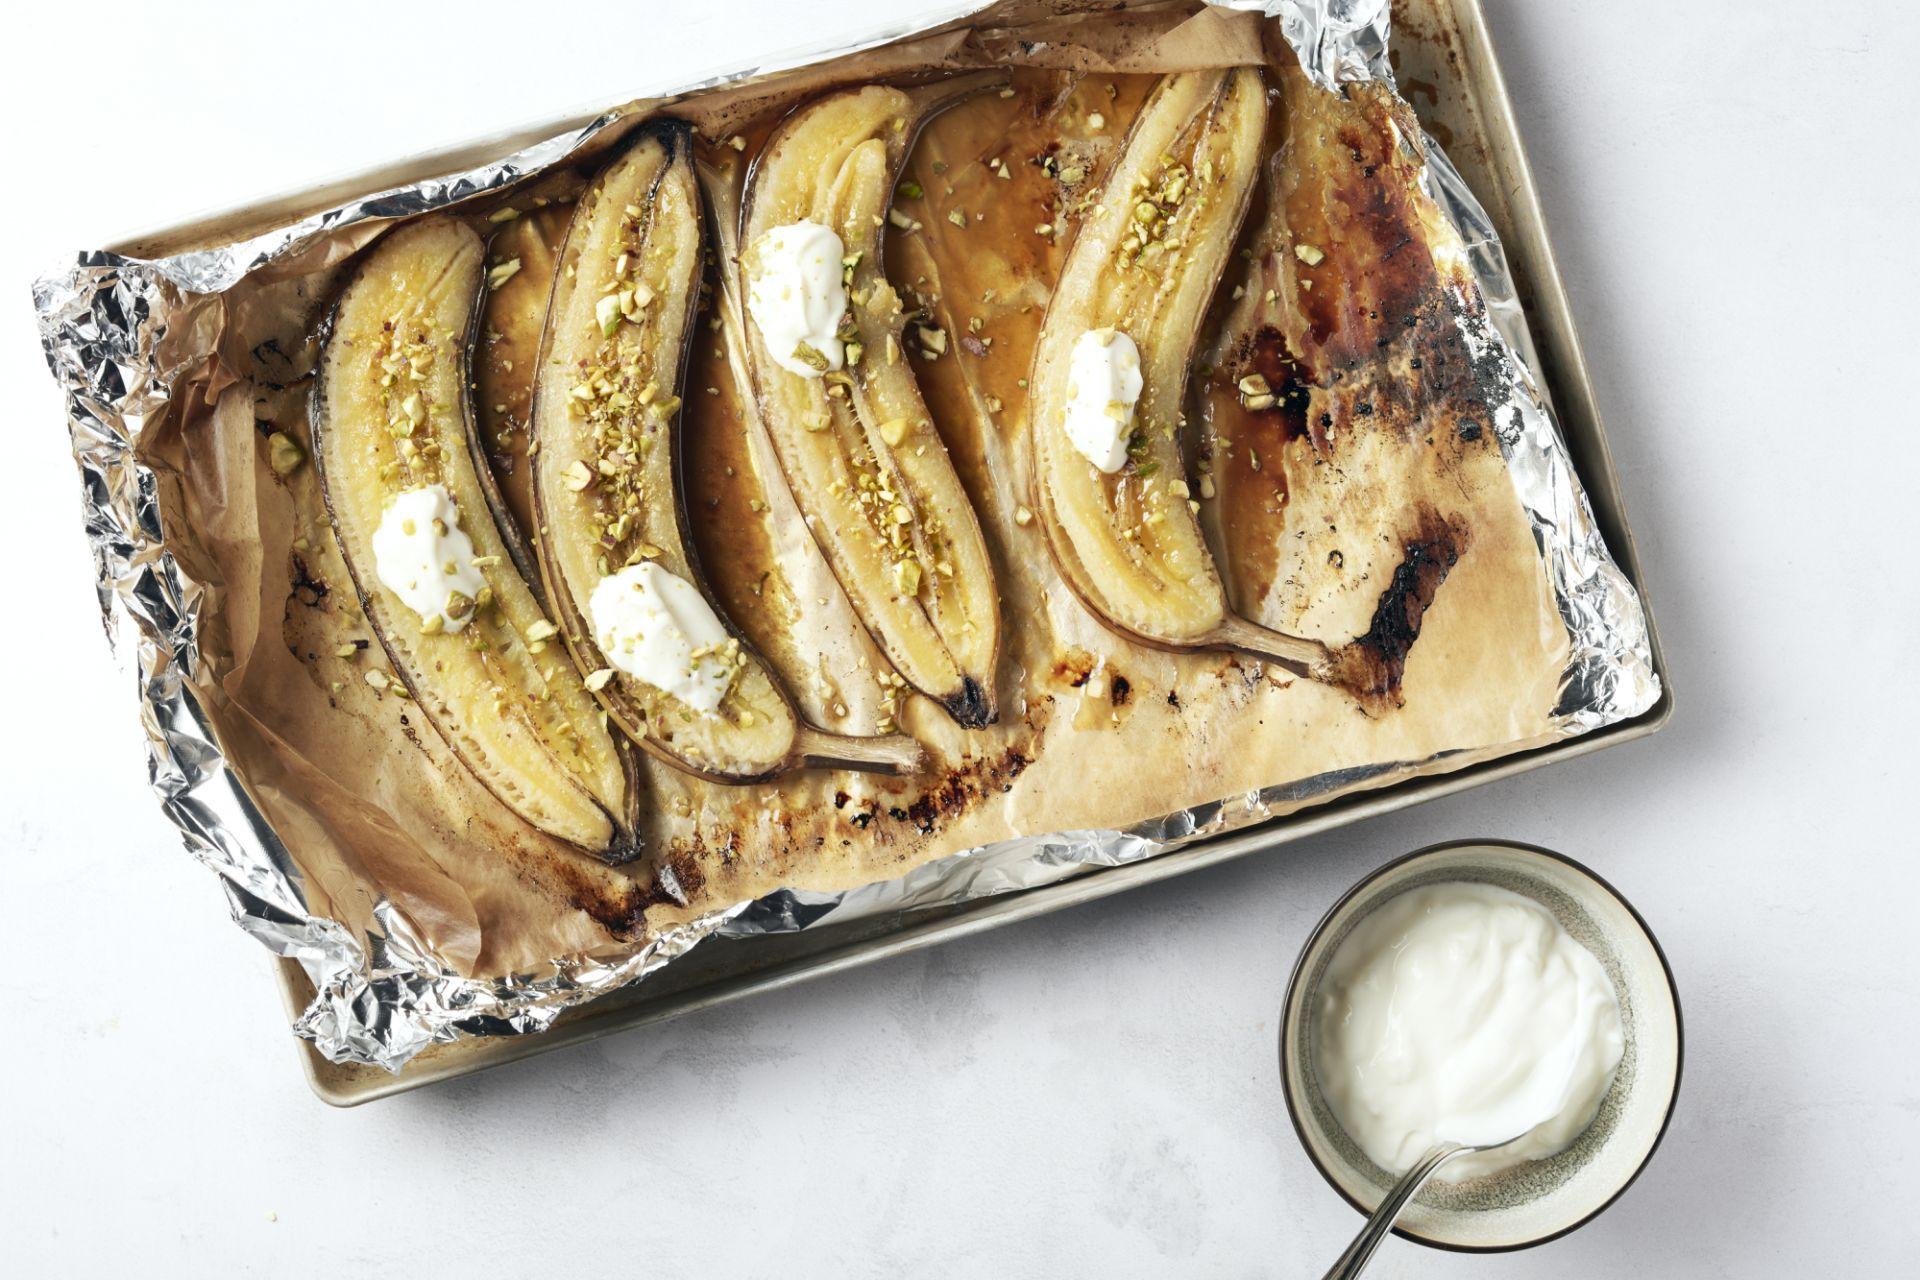 Barbecue banaan met ahornsiroop, rum en pistachenootjes